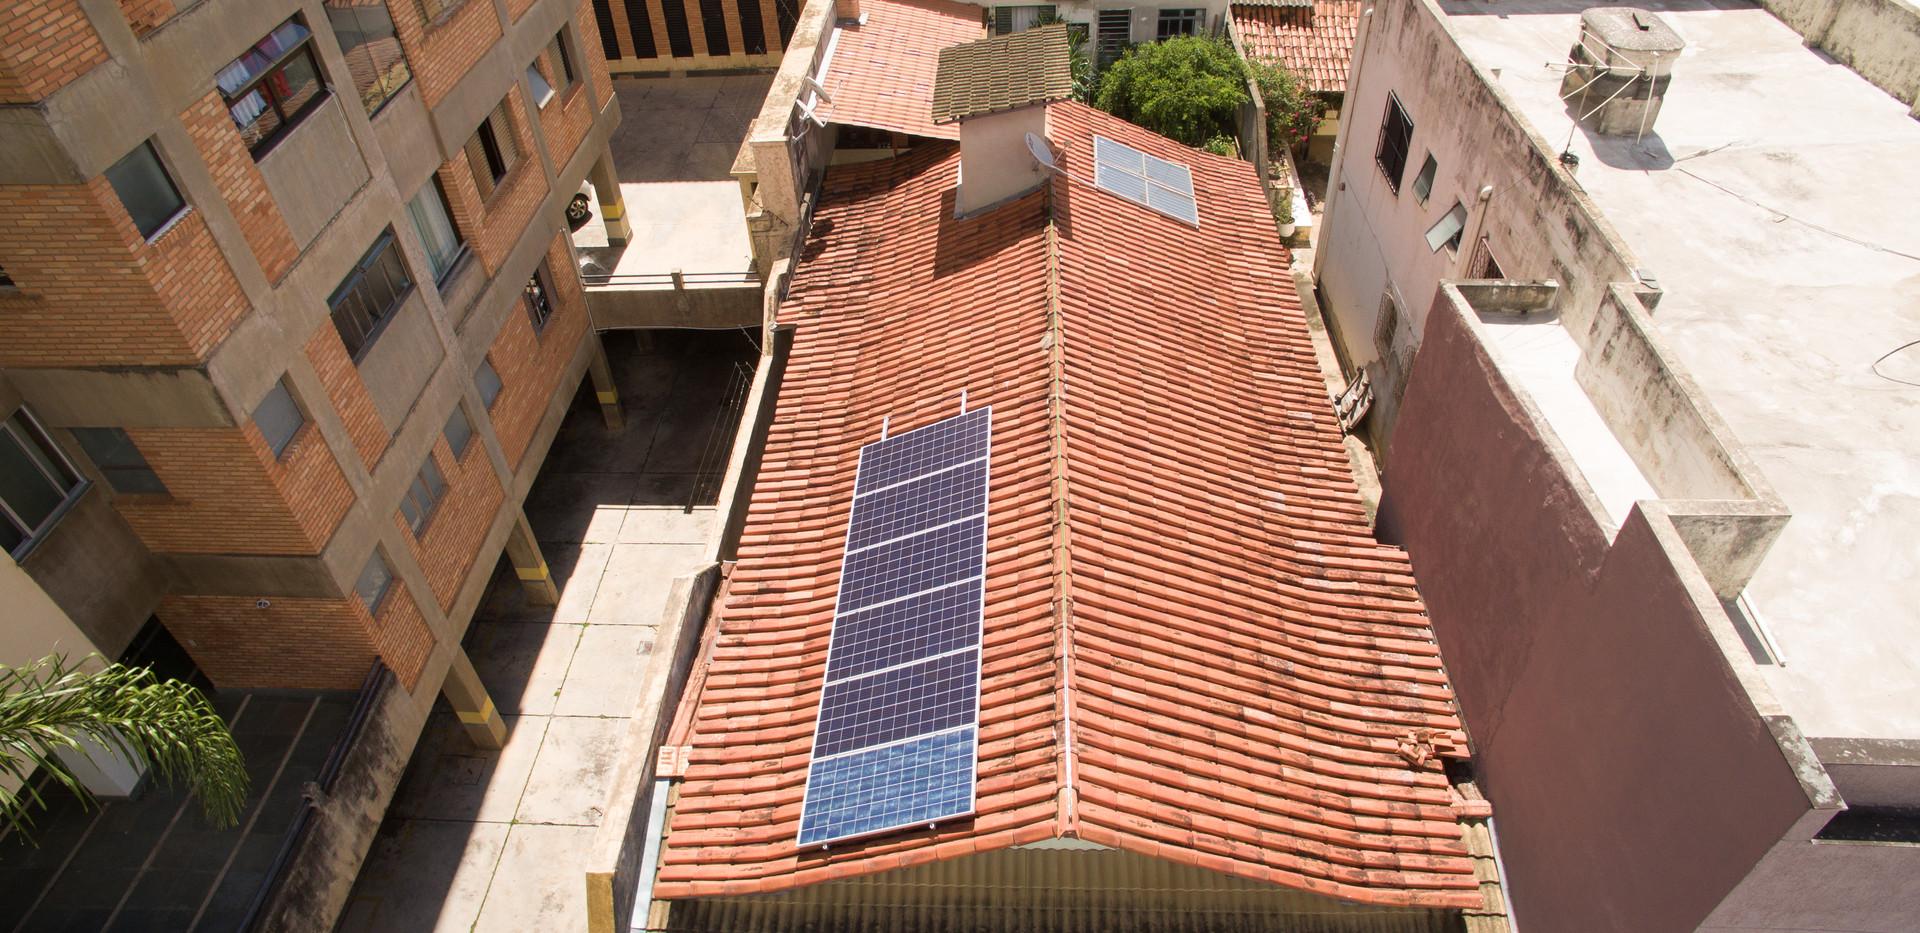 Usina Ouro Preto